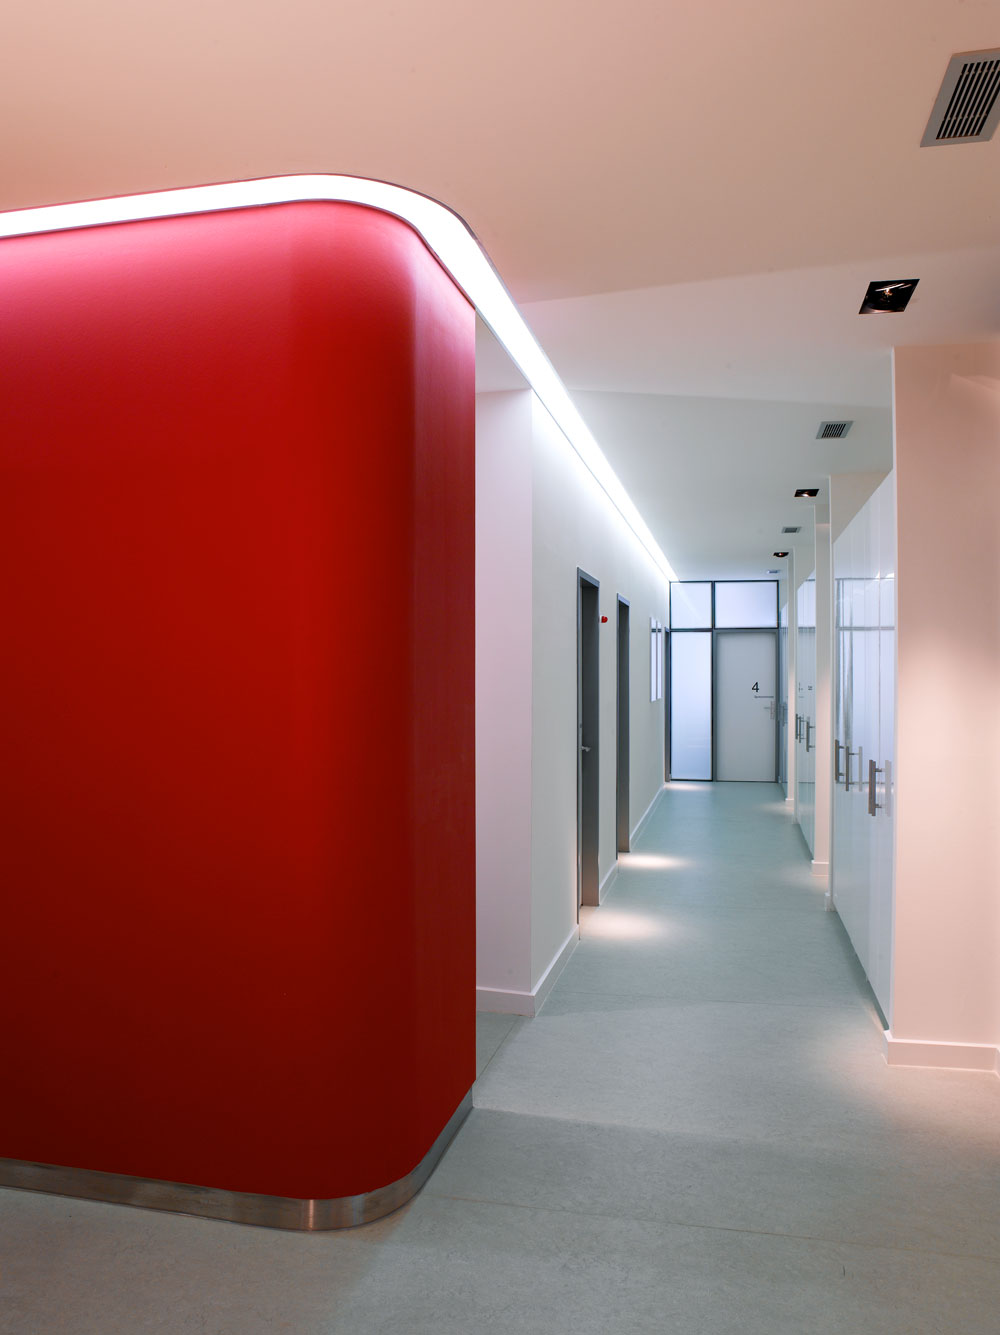 Flur mit Lichtband in Arztpraxis von Roik Architekt Hamburg